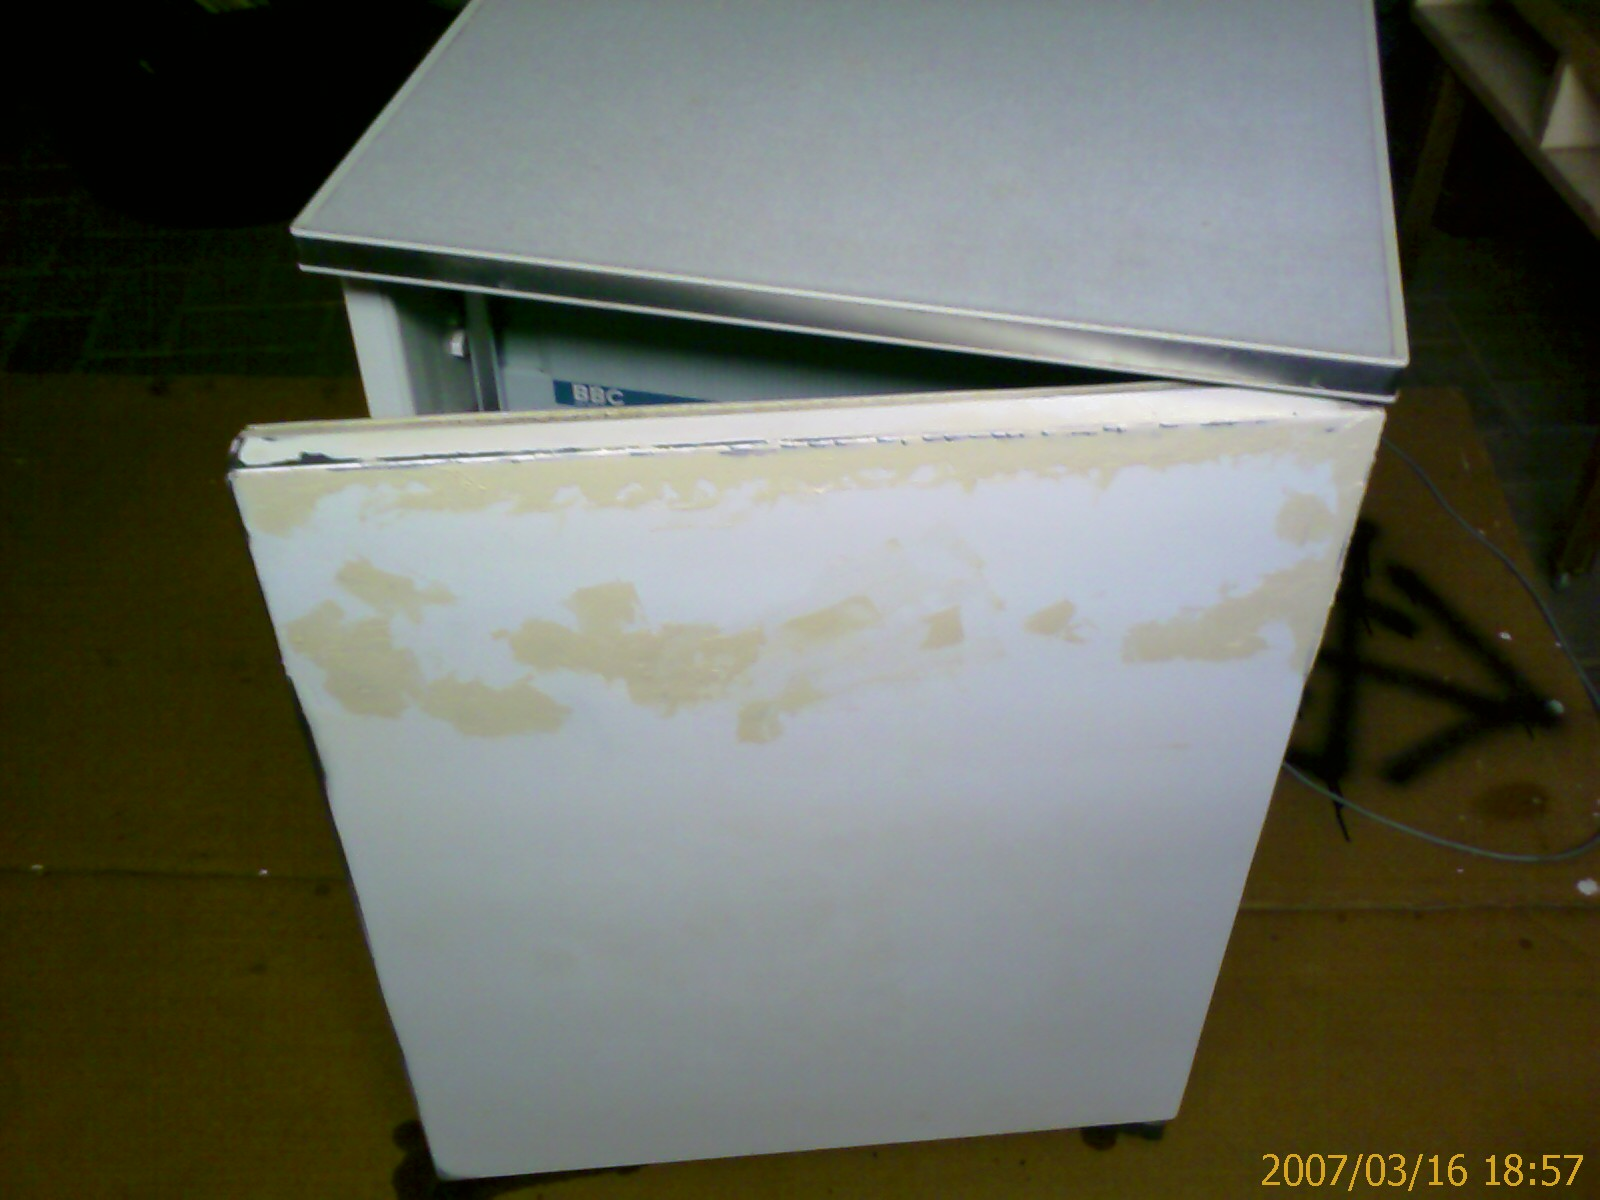 Restoration meines Kühlschranks - Seite 2 - pagenstecher.de - Deine ...